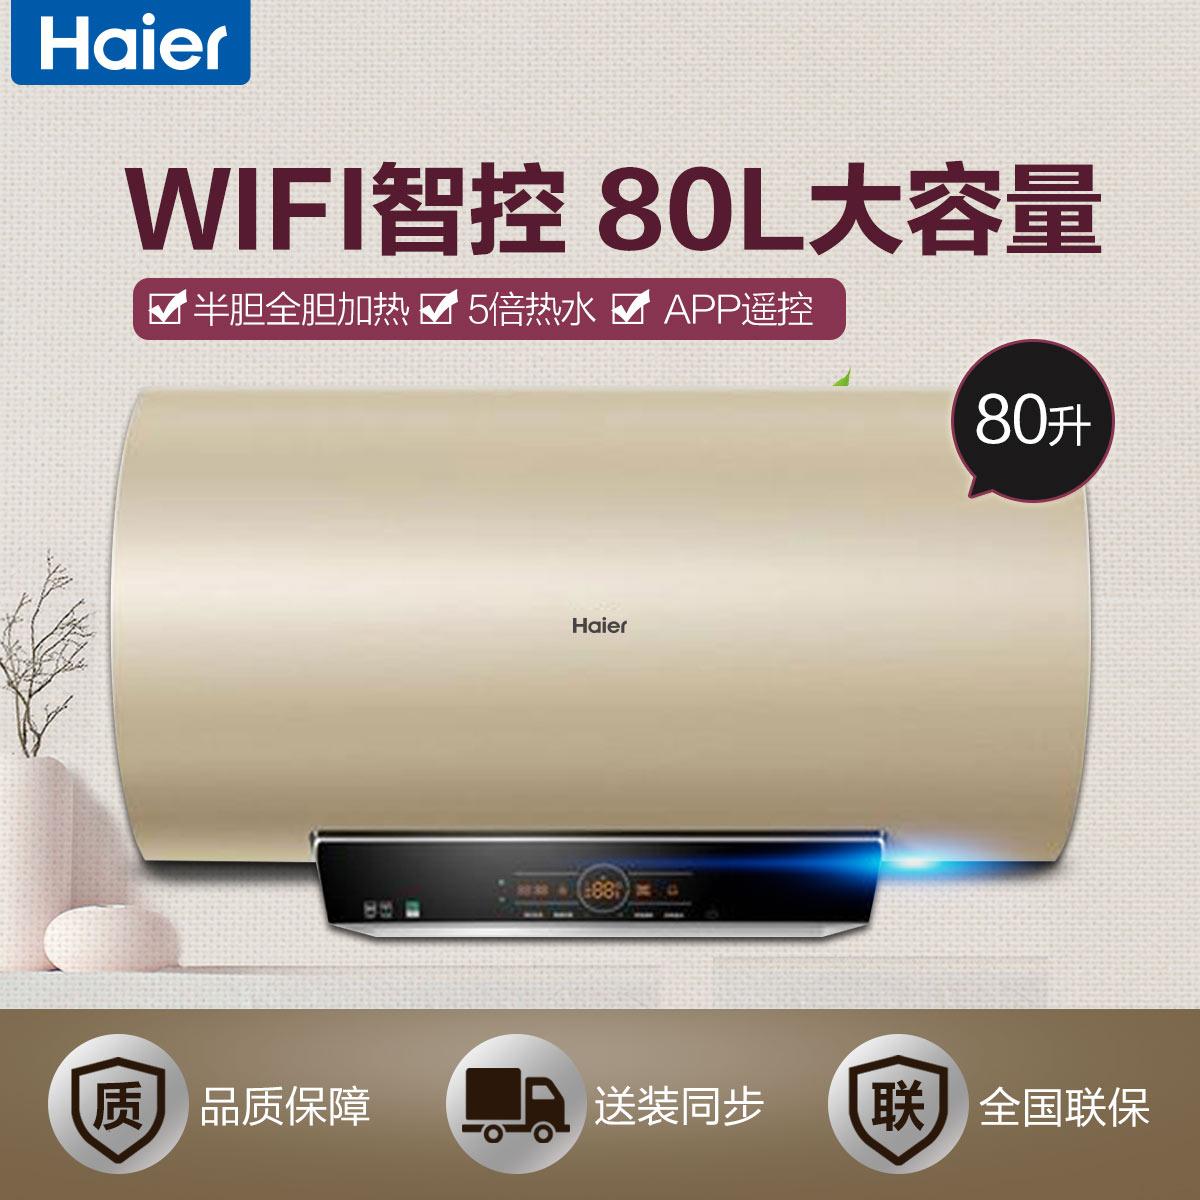 双3000W速热 WiFi预约 高温抑菌 洁净热水 EC8003-MT3(U1) 80升速热储水式WiFi智控家用电热水器